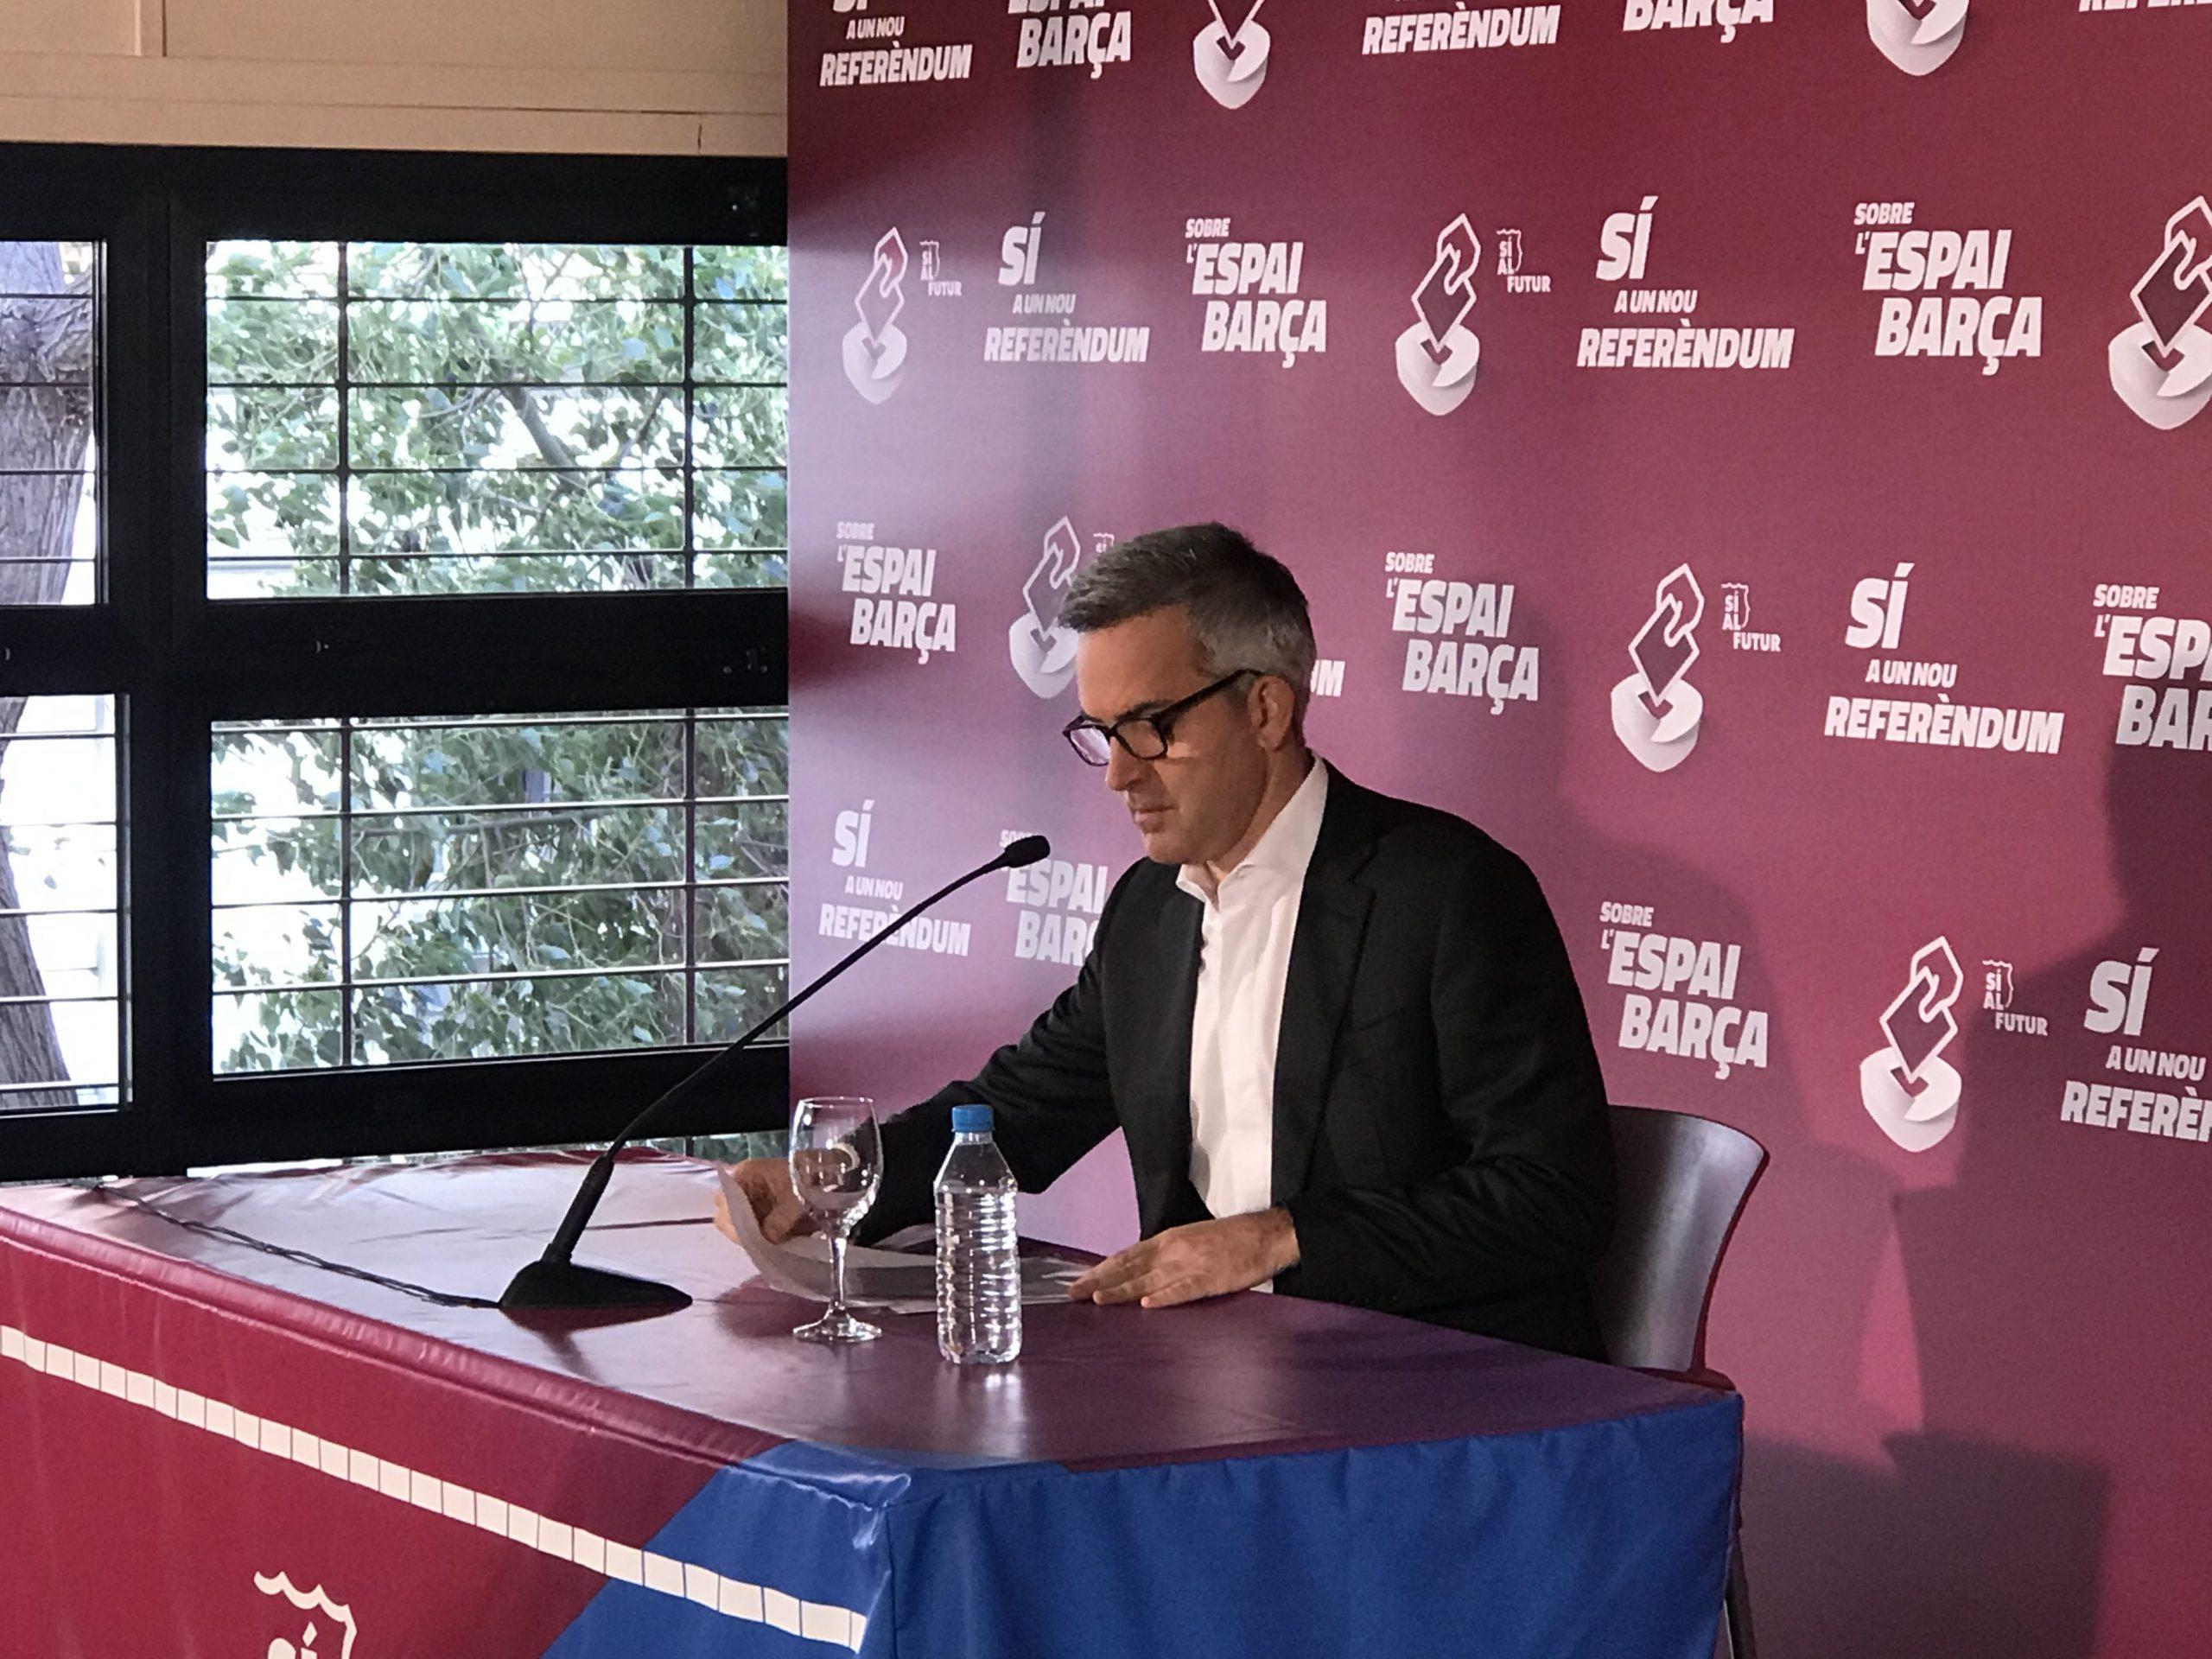 Tot sobre el referèndum per decidir el finançament de l'Espai Barça